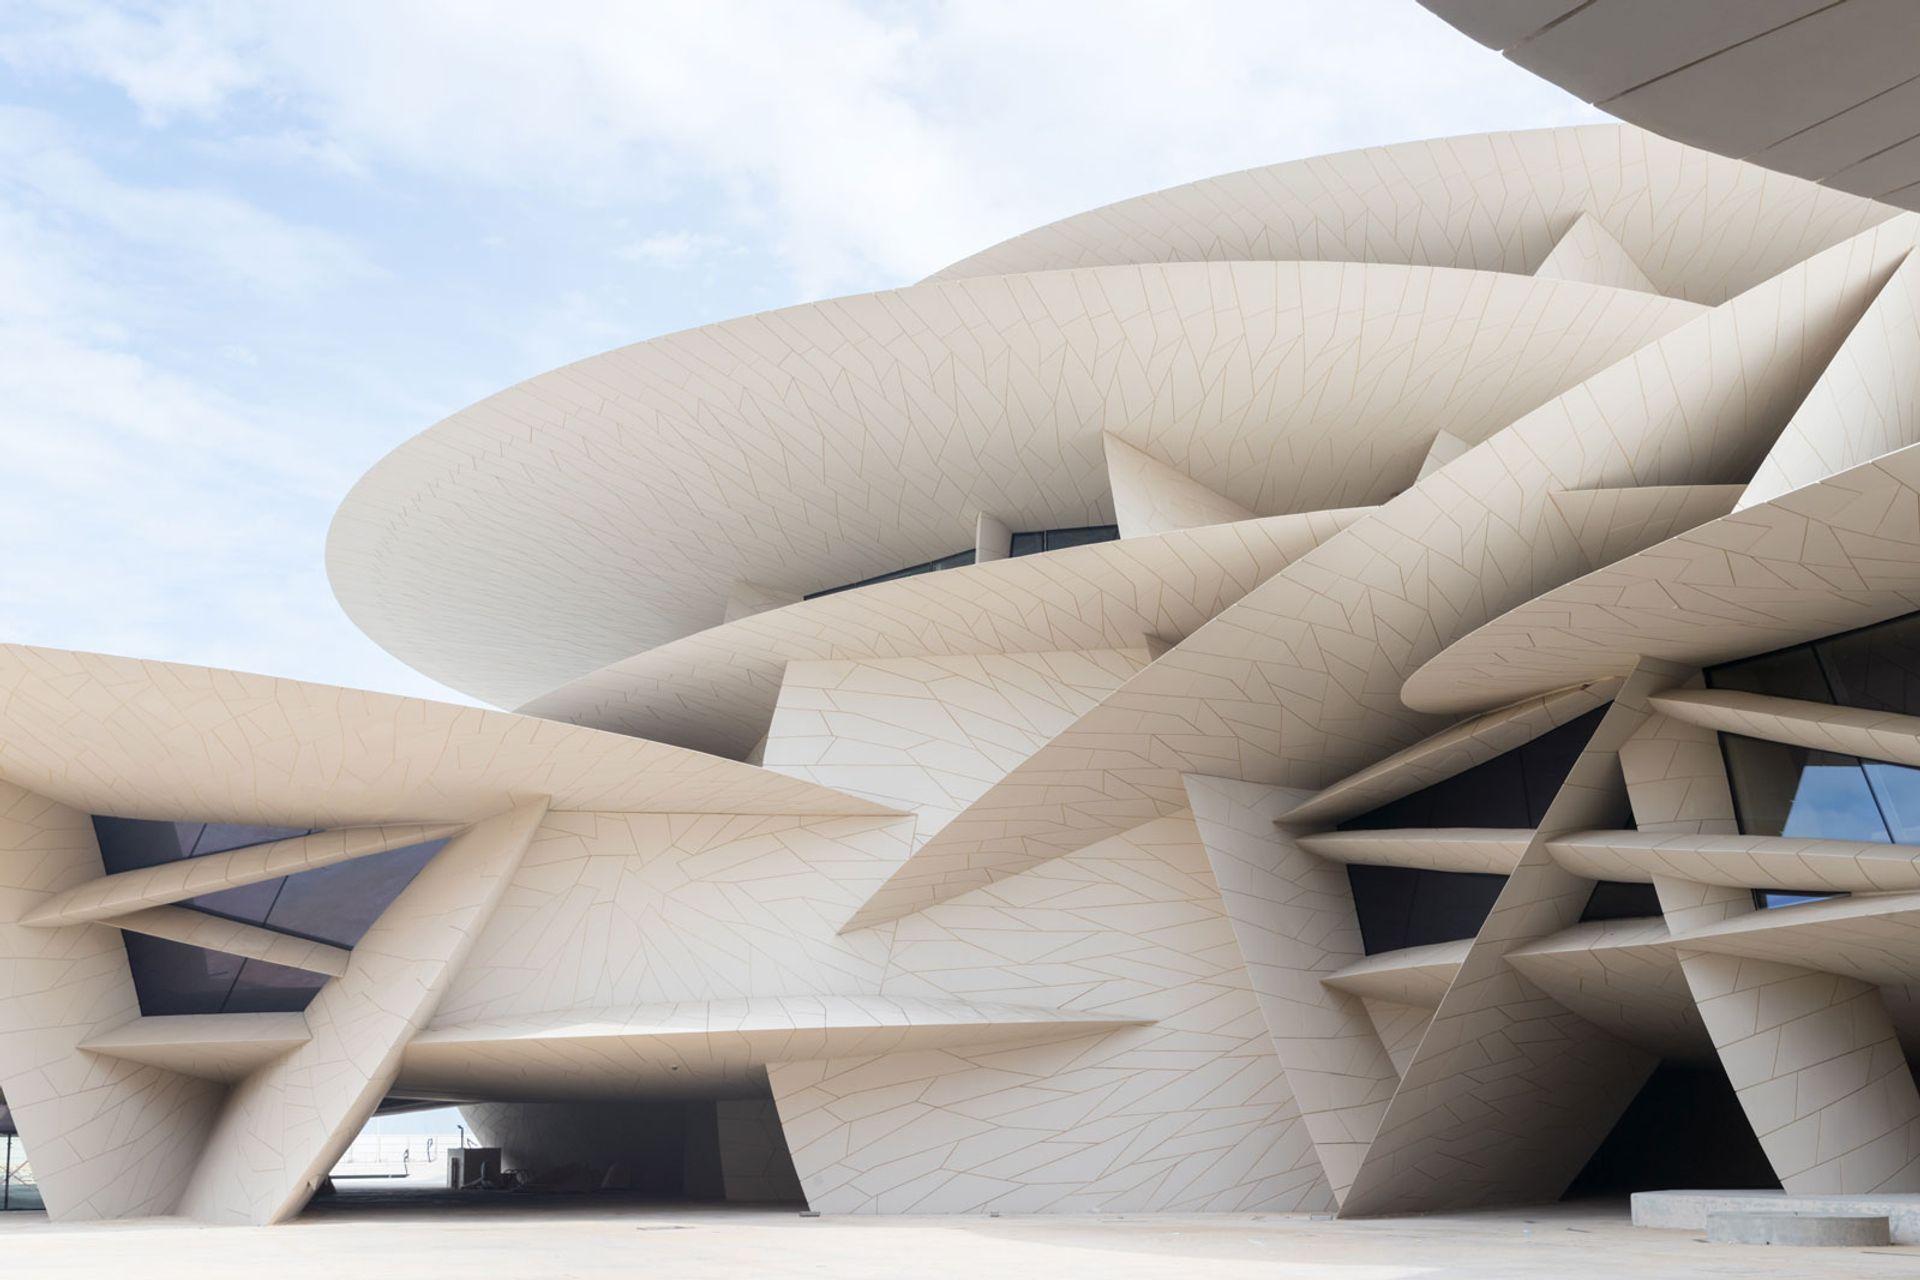 National Museum of Qatar © Iwan Baan